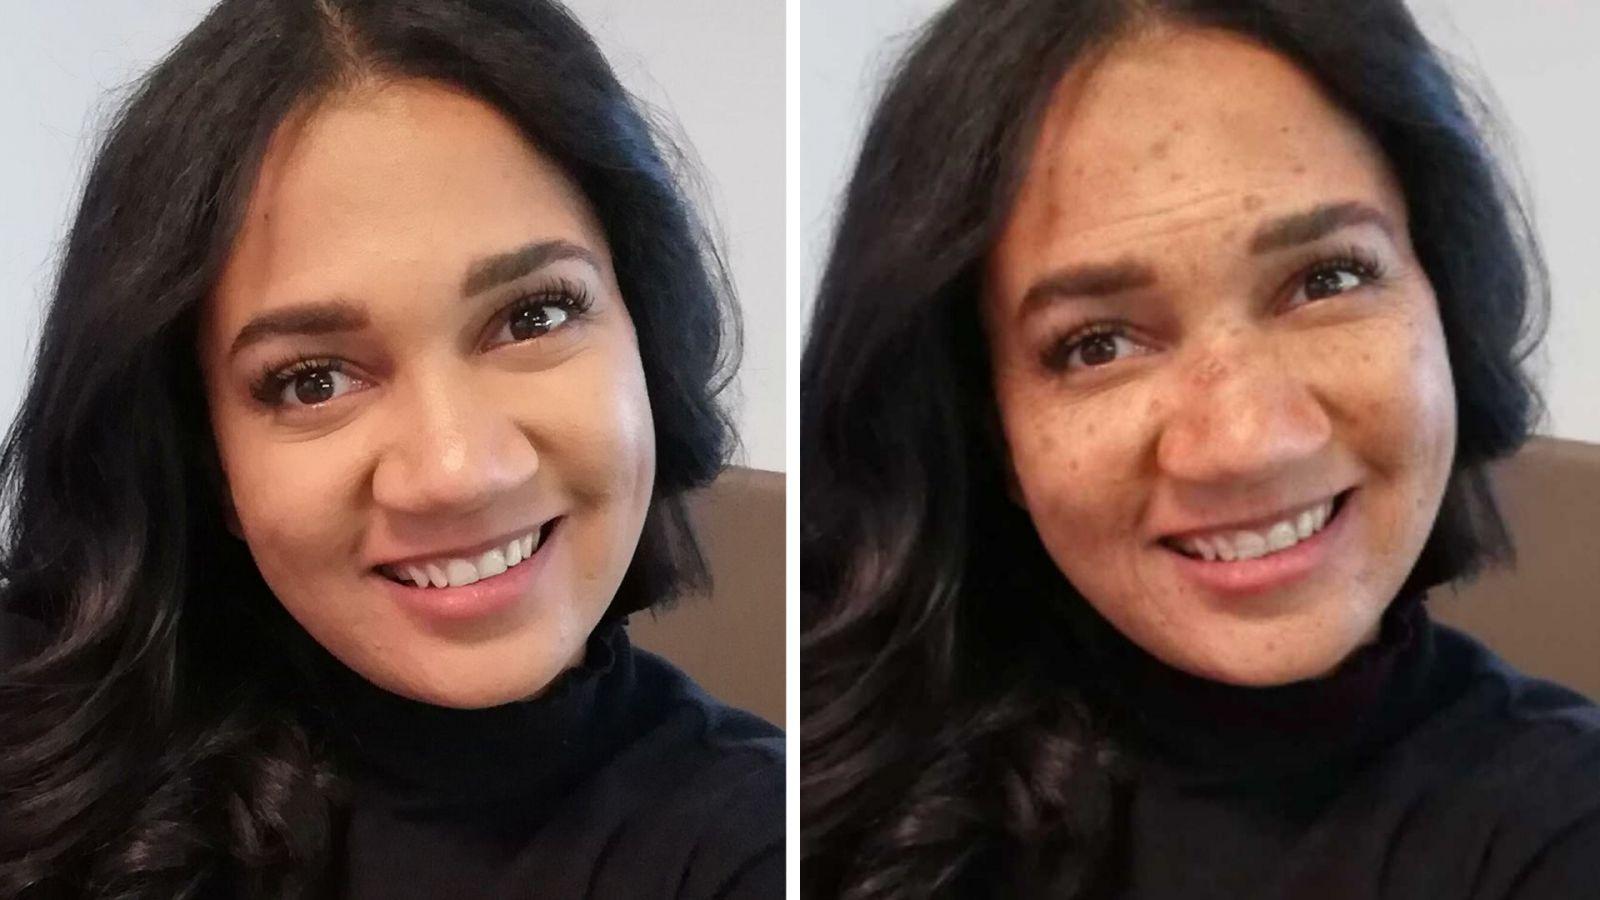 Takto budeš vyzerať, ak používaš opaľovací krém len na dovolenke: Dermatologička vysvetľuje, prečo ti SPF doslova zachráni kožu